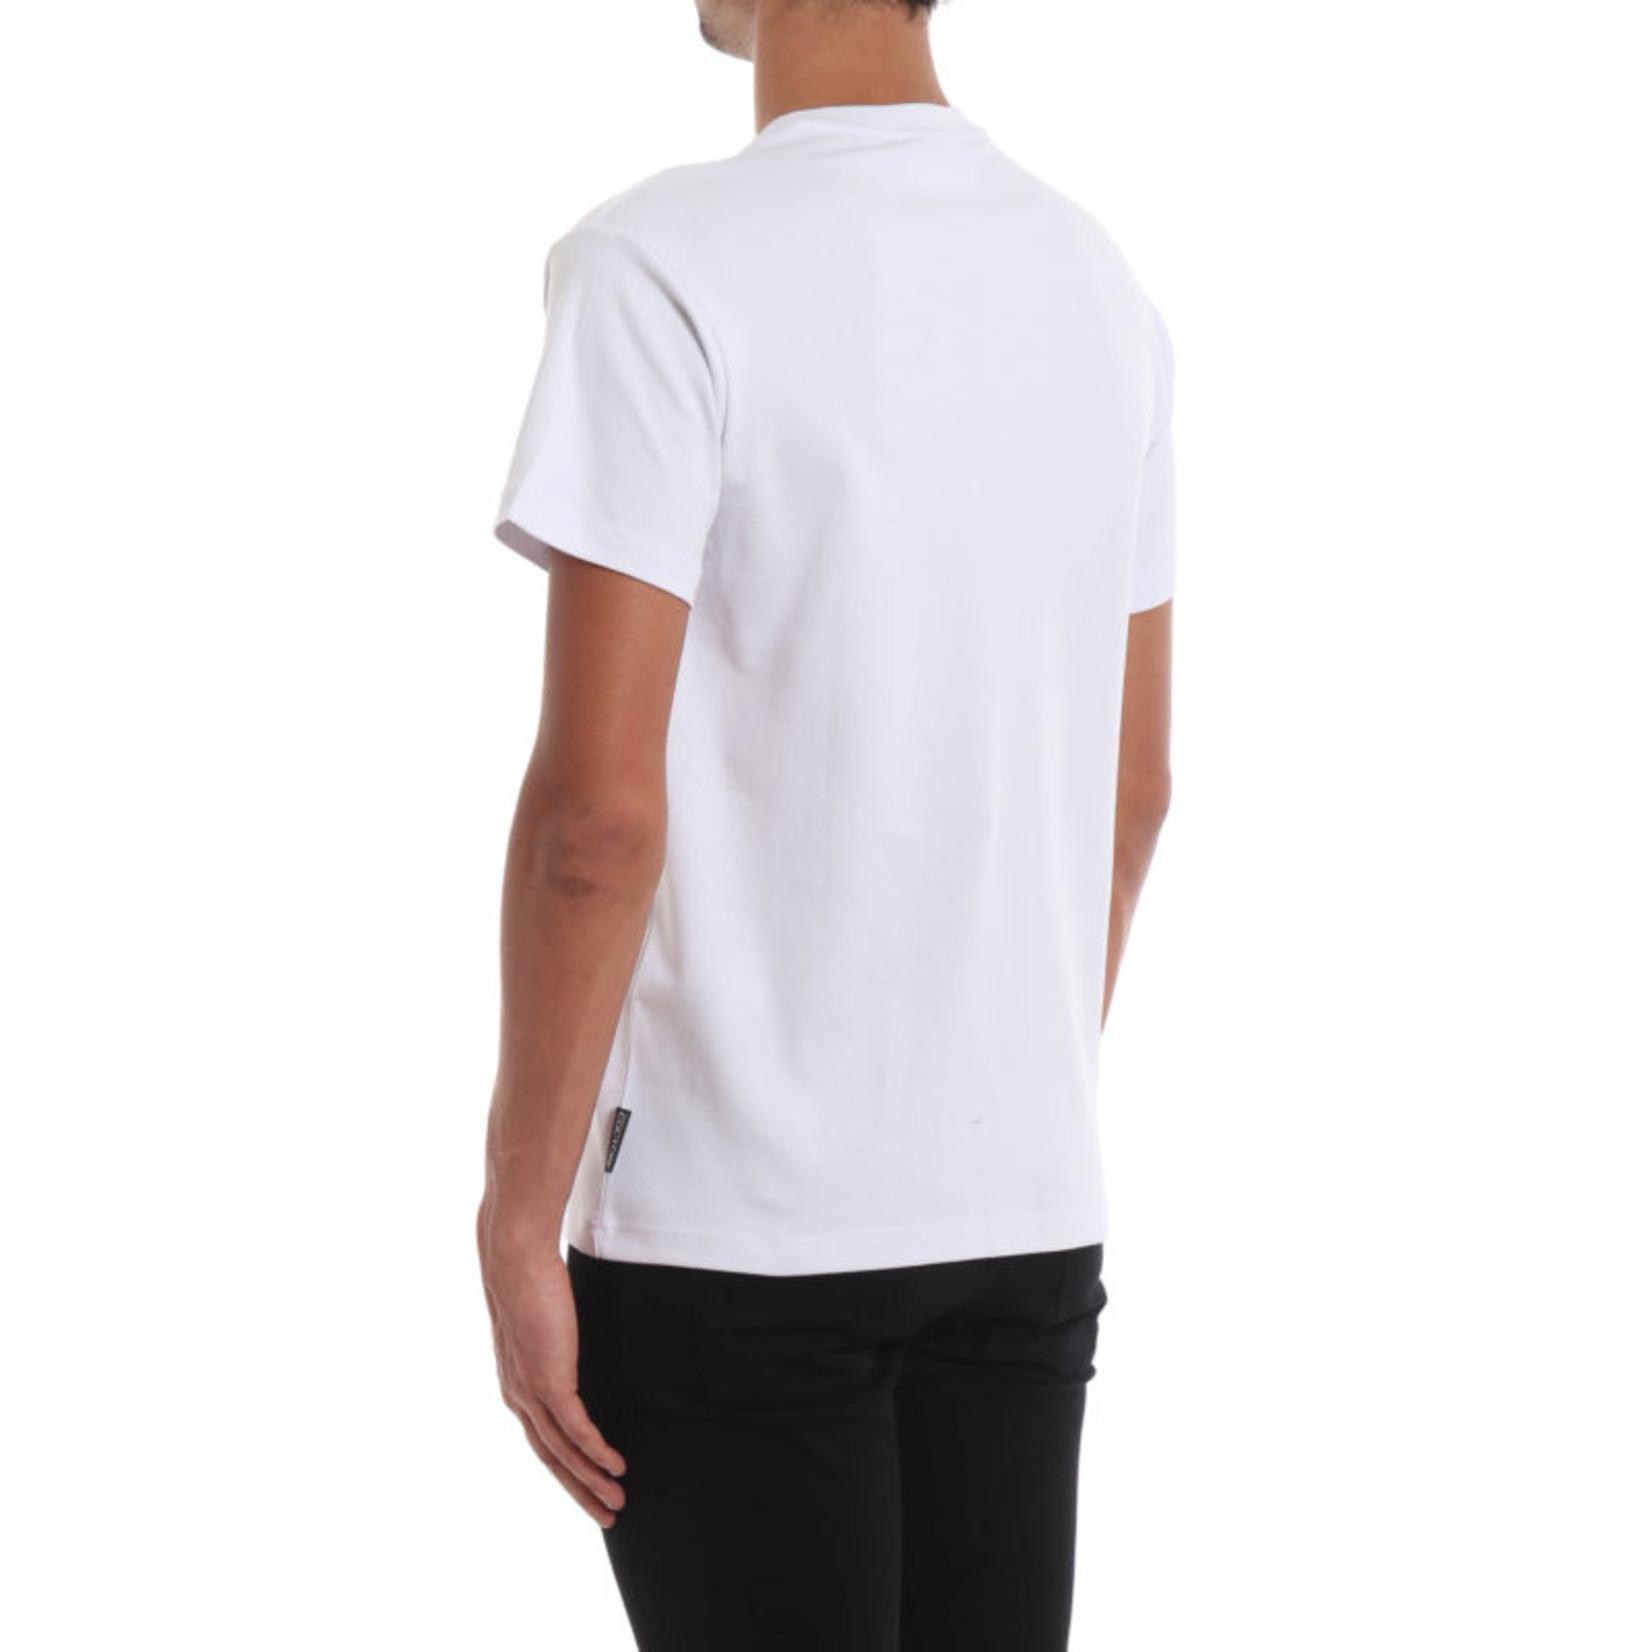 VERSACE JEANS COUTURE VERSACE JEANS COUTURE T-SHIRT  B3GVA7TA30 - WHITE